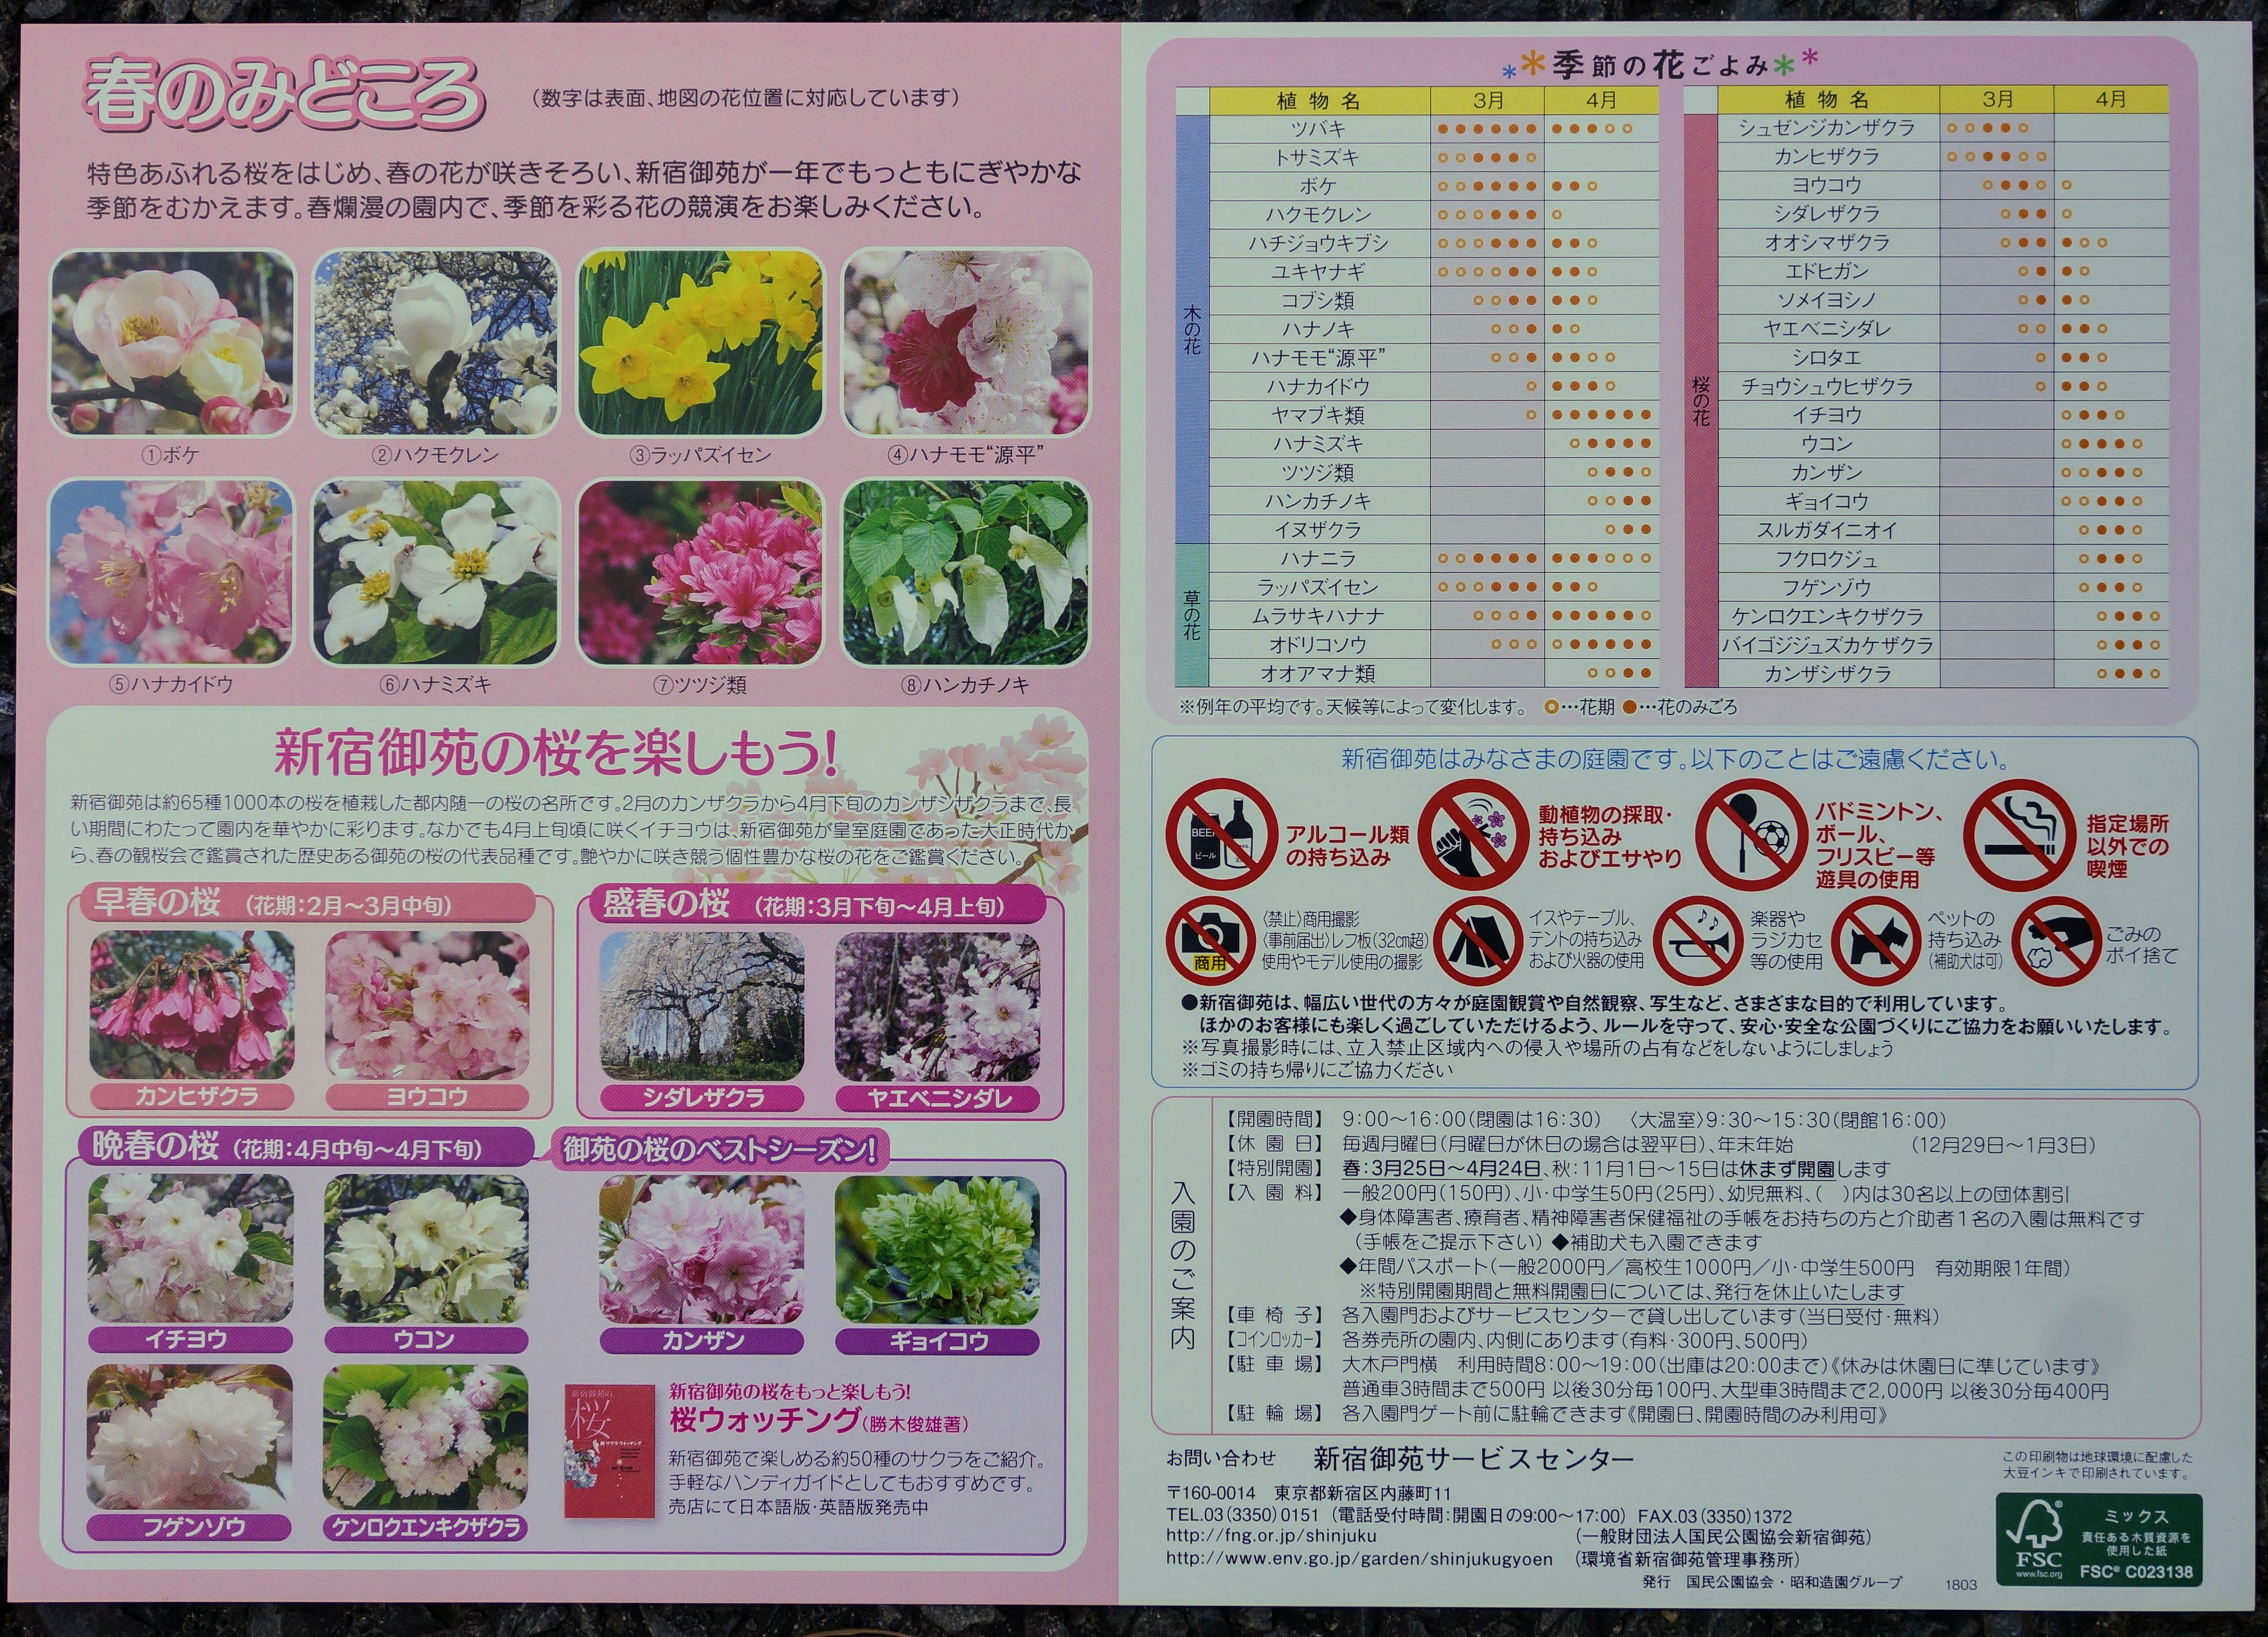 新宿御苑はお花見の見頃。お酒・アルコールは持ち込み不可。シートや飲食は可能